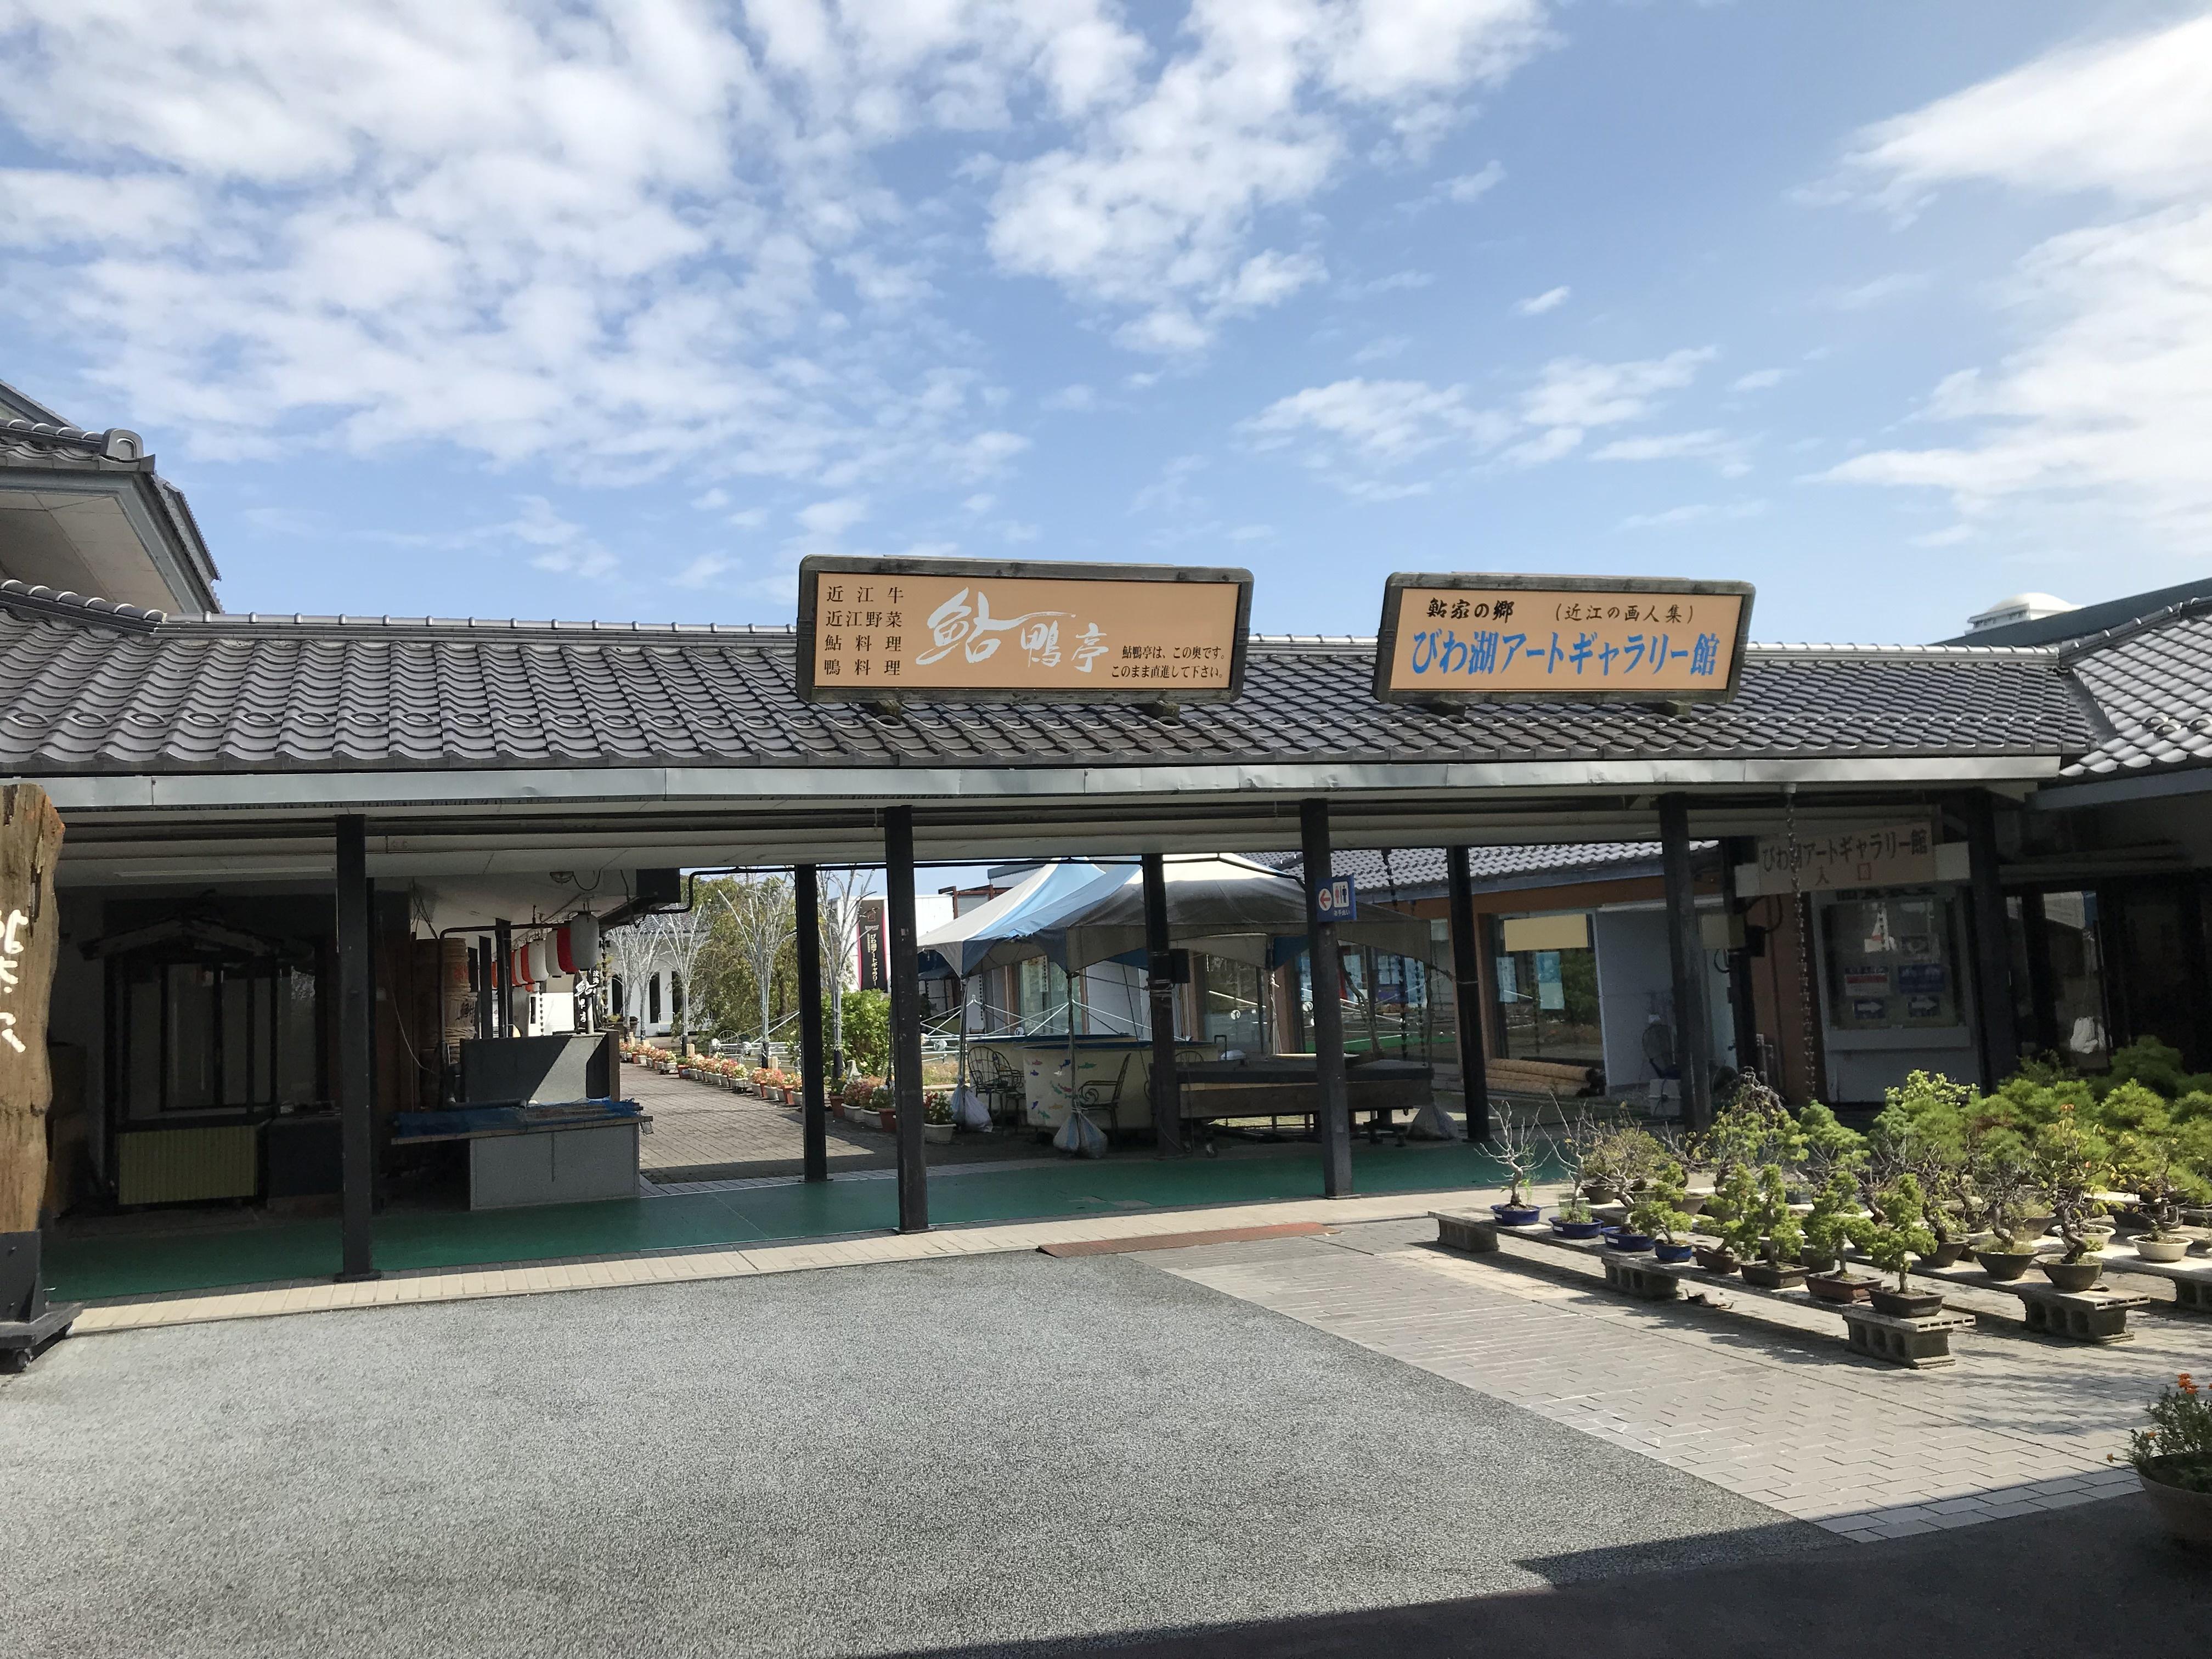 ハーレーとカワサキで行く近江八幡ツーリング 鮎家の郷